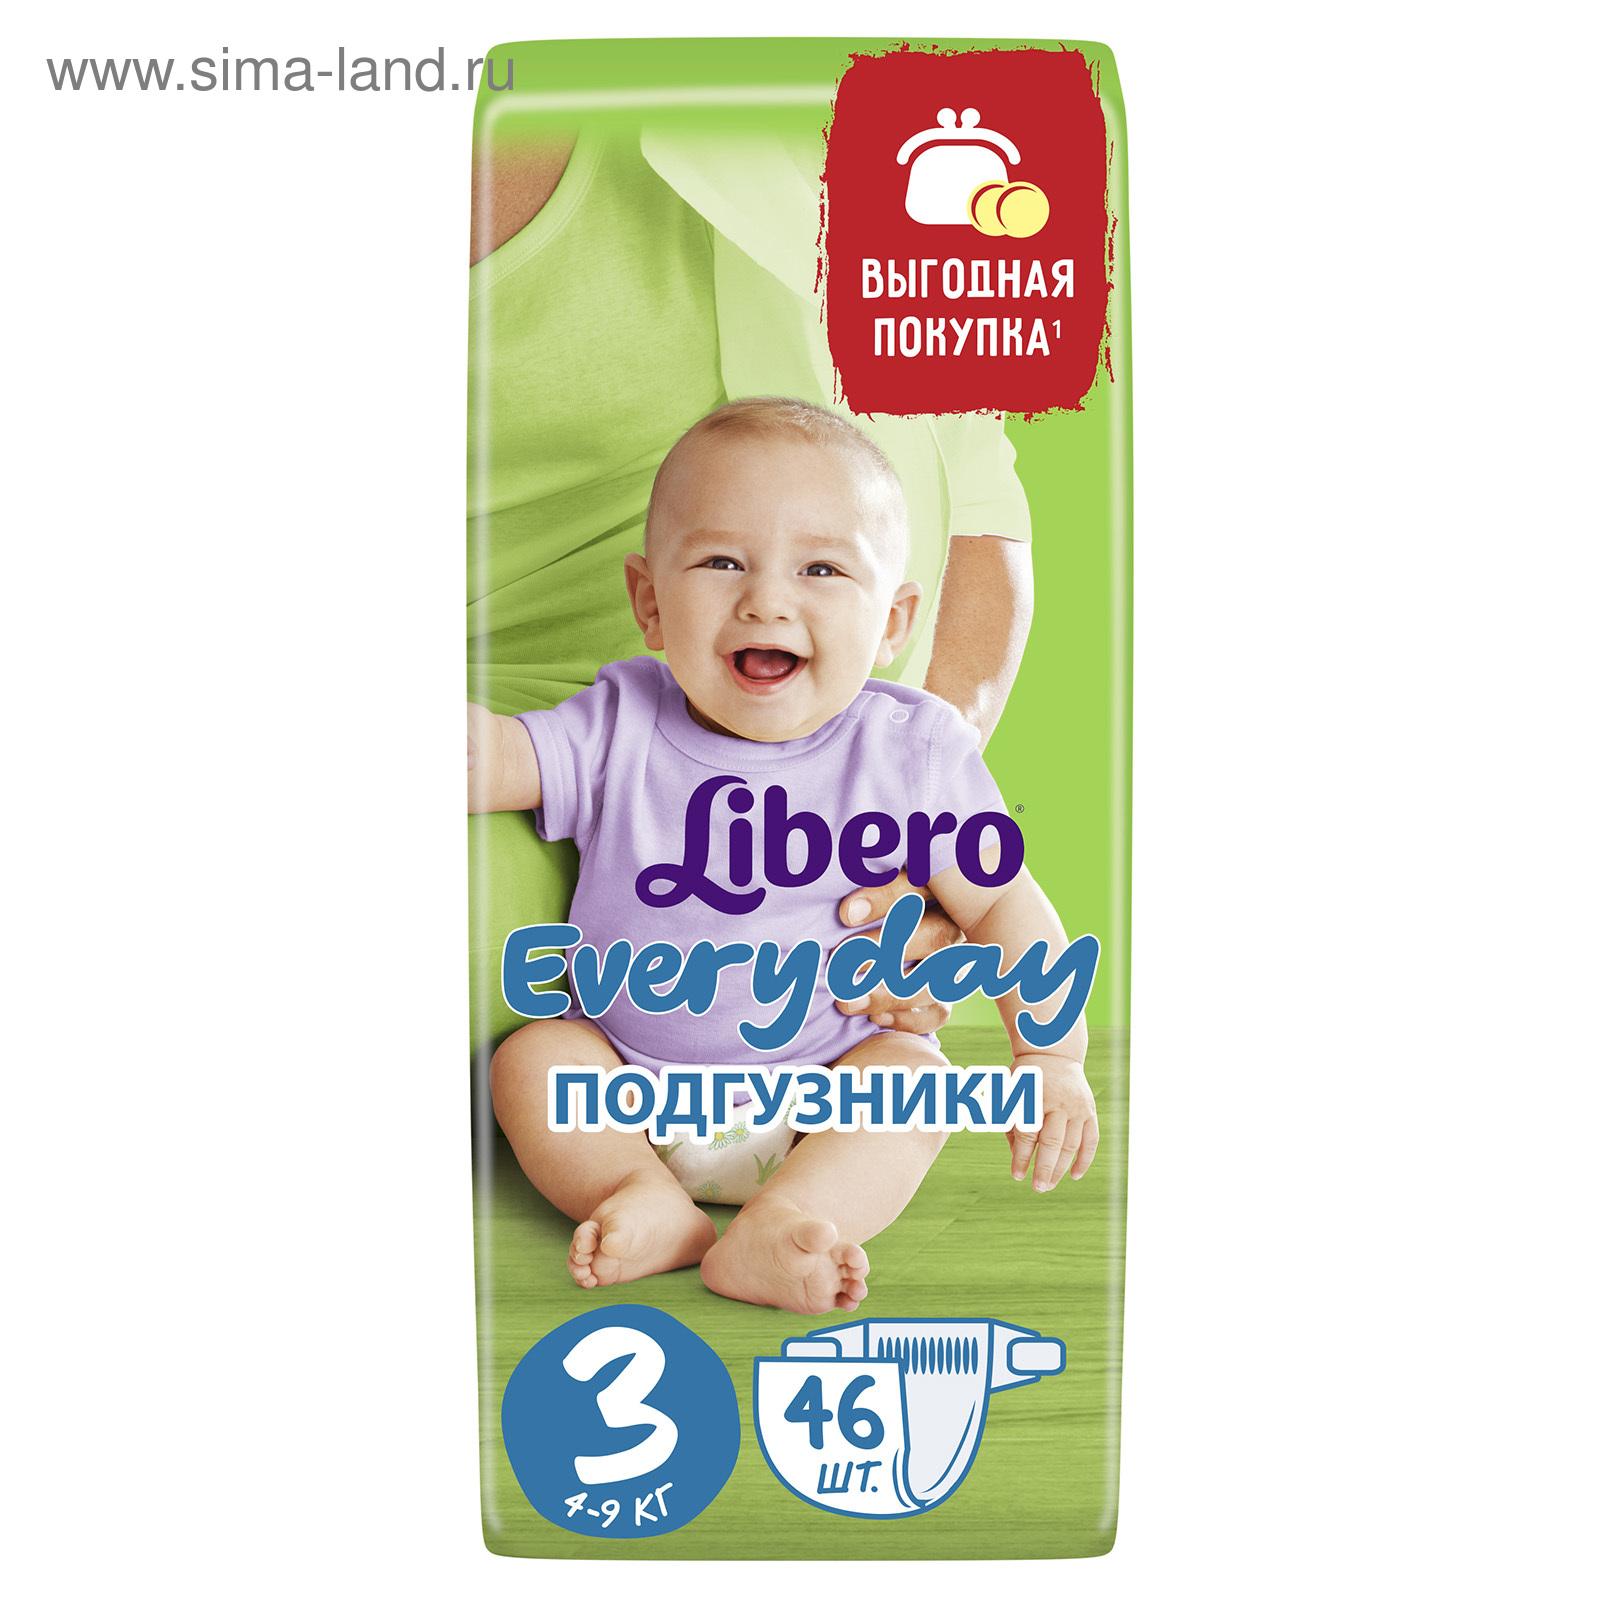 d5e7b7d7bd45 Подгузники Libero Everyday, Midi 3 (4-9 кг), 46 шт. (1172137 ...